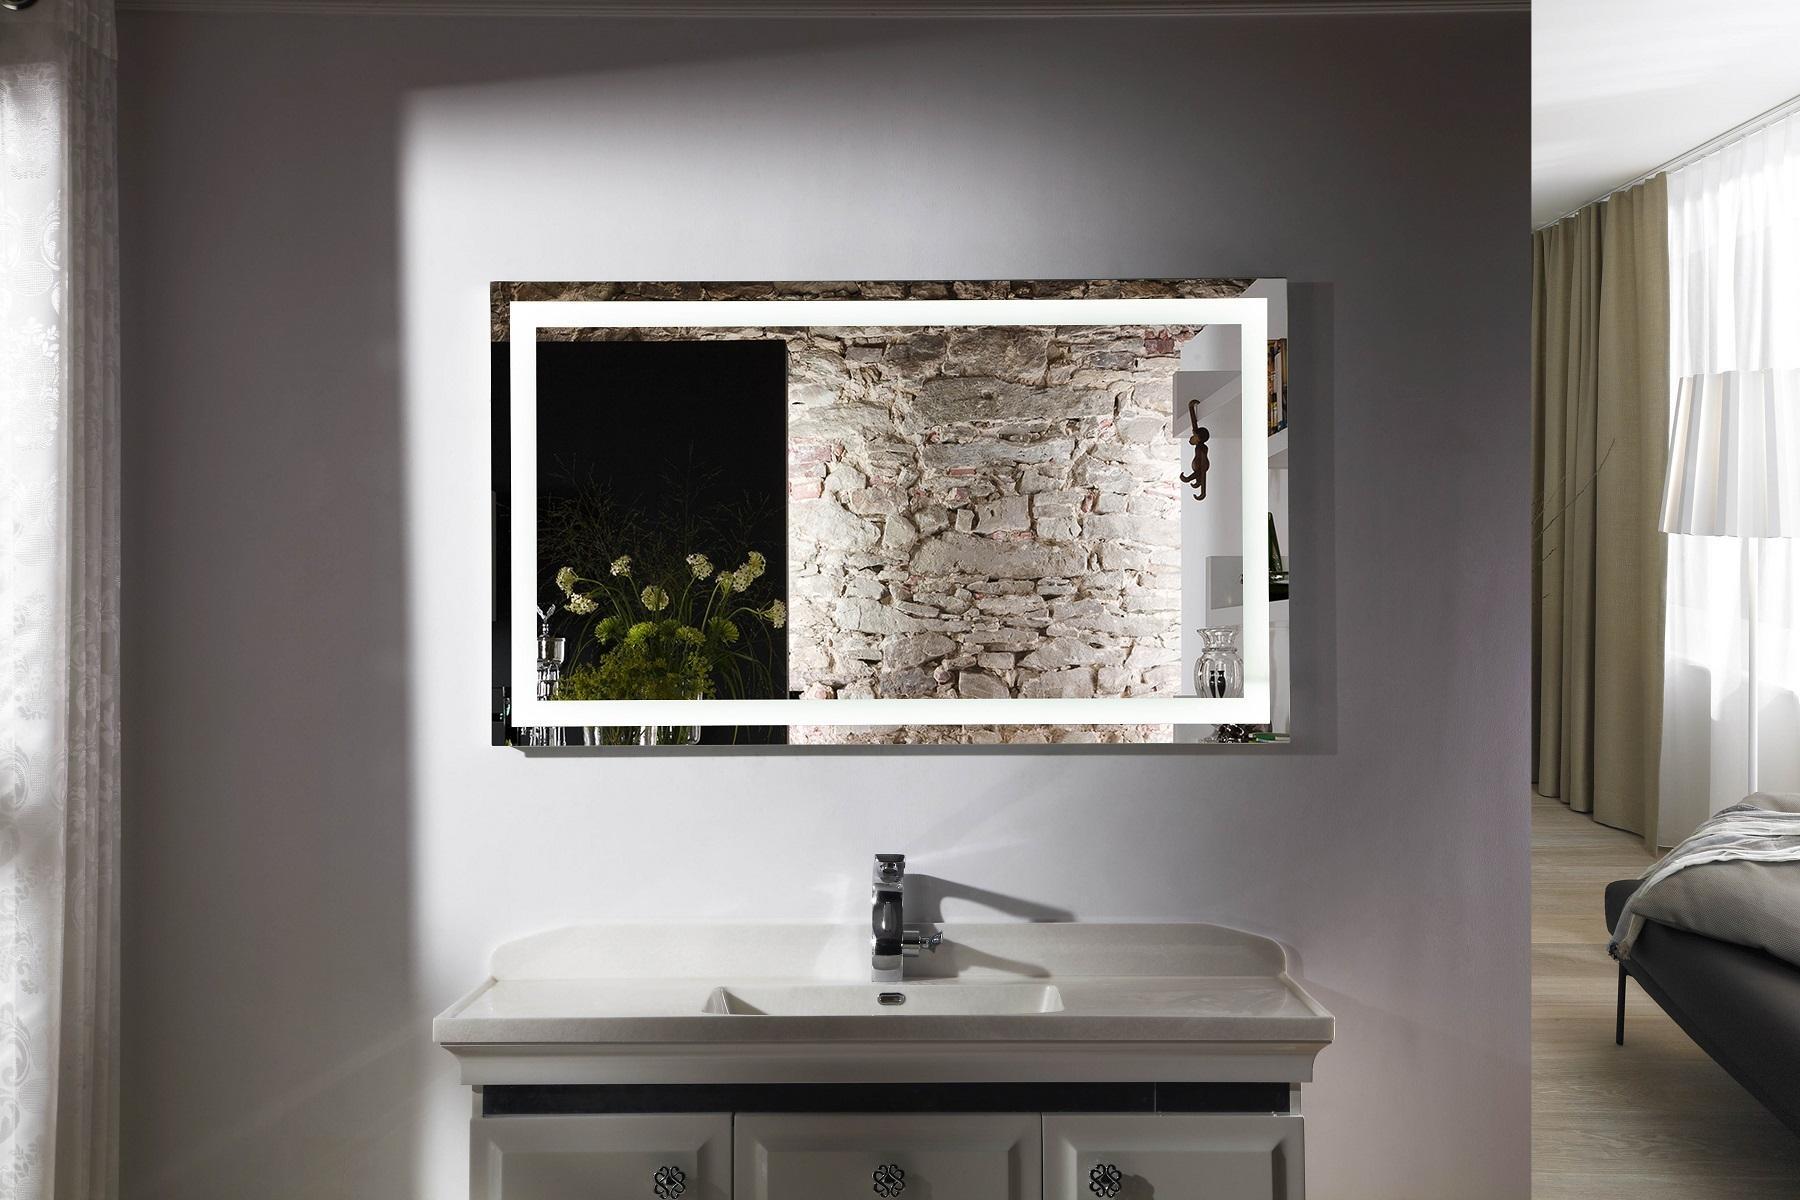 Bathroom: Lighted Bathroom Mirrors | Bathroom Vanity Mirror Lights Within Bathroom Lighted Vanity Mirrors (Image 11 of 20)